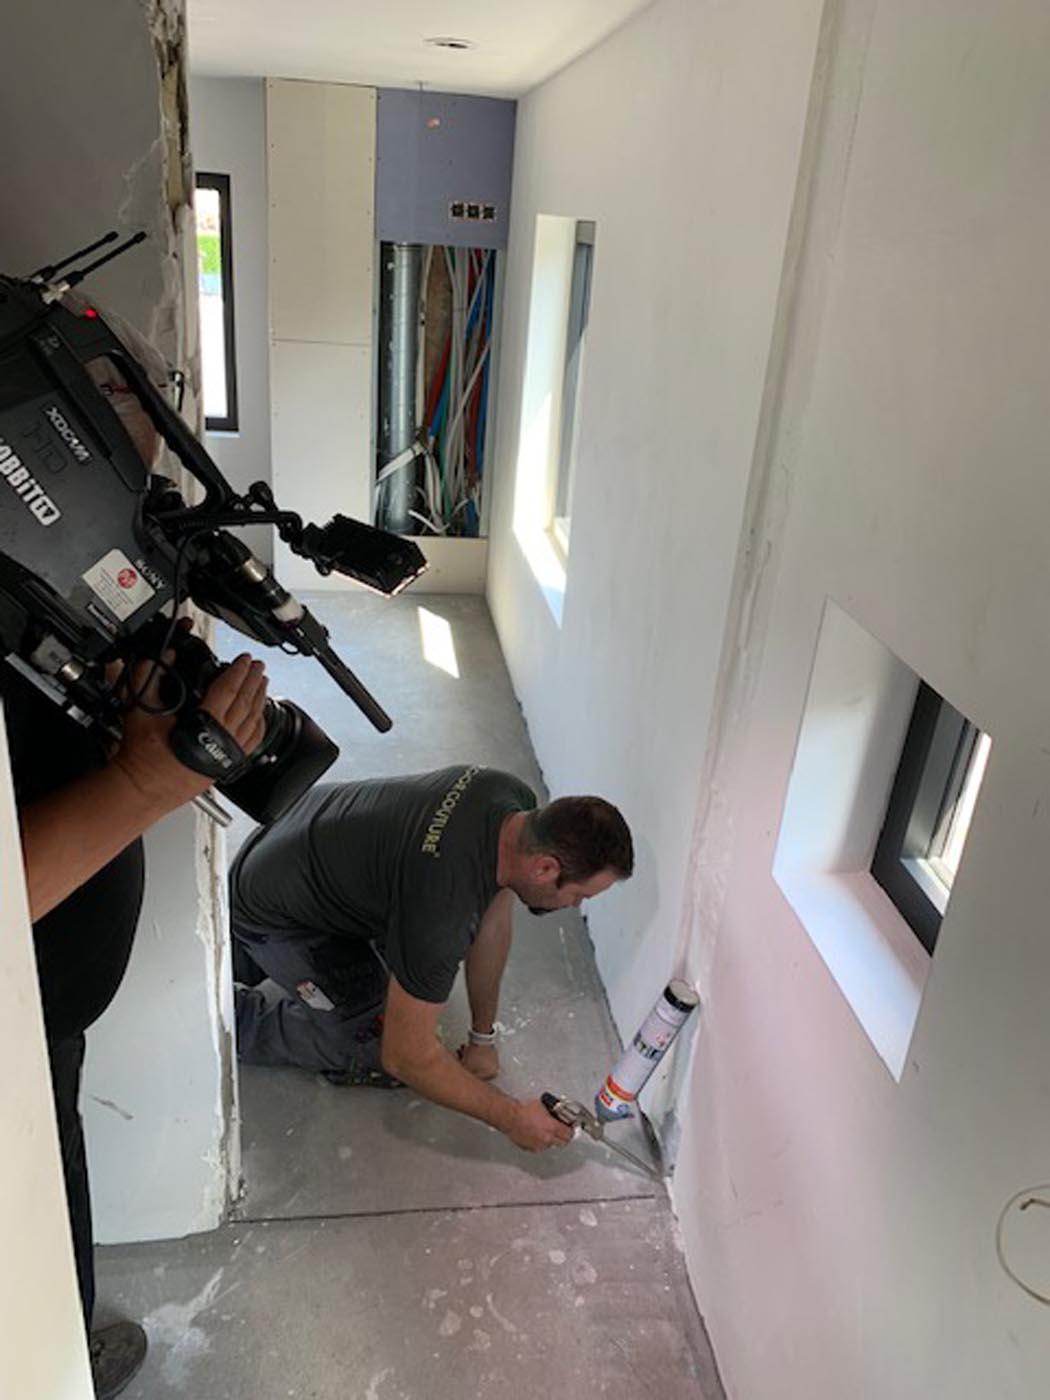 Floorcouture op Dobbit TV - Gietvloeren opname